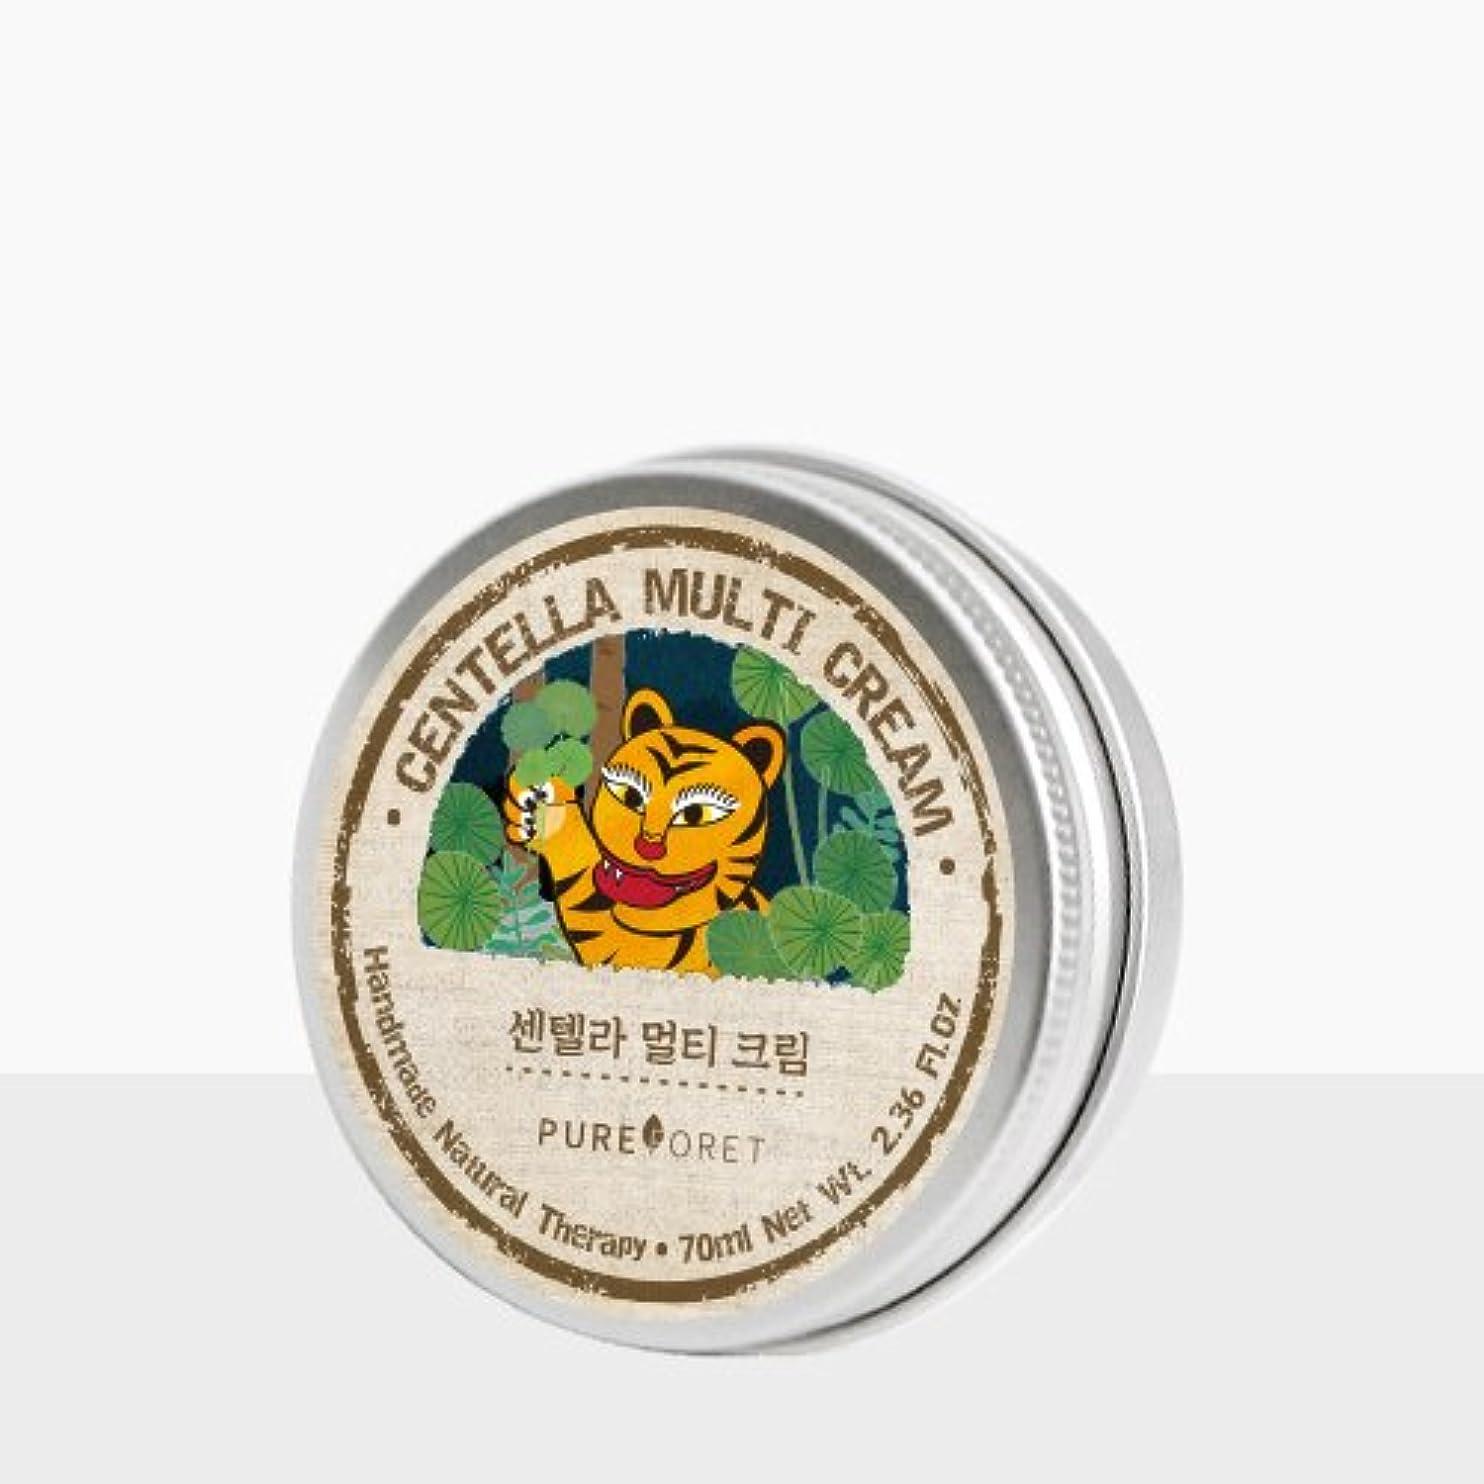 小麦キャップ羨望Pureforet センテラマルチ クリーム (70ml)